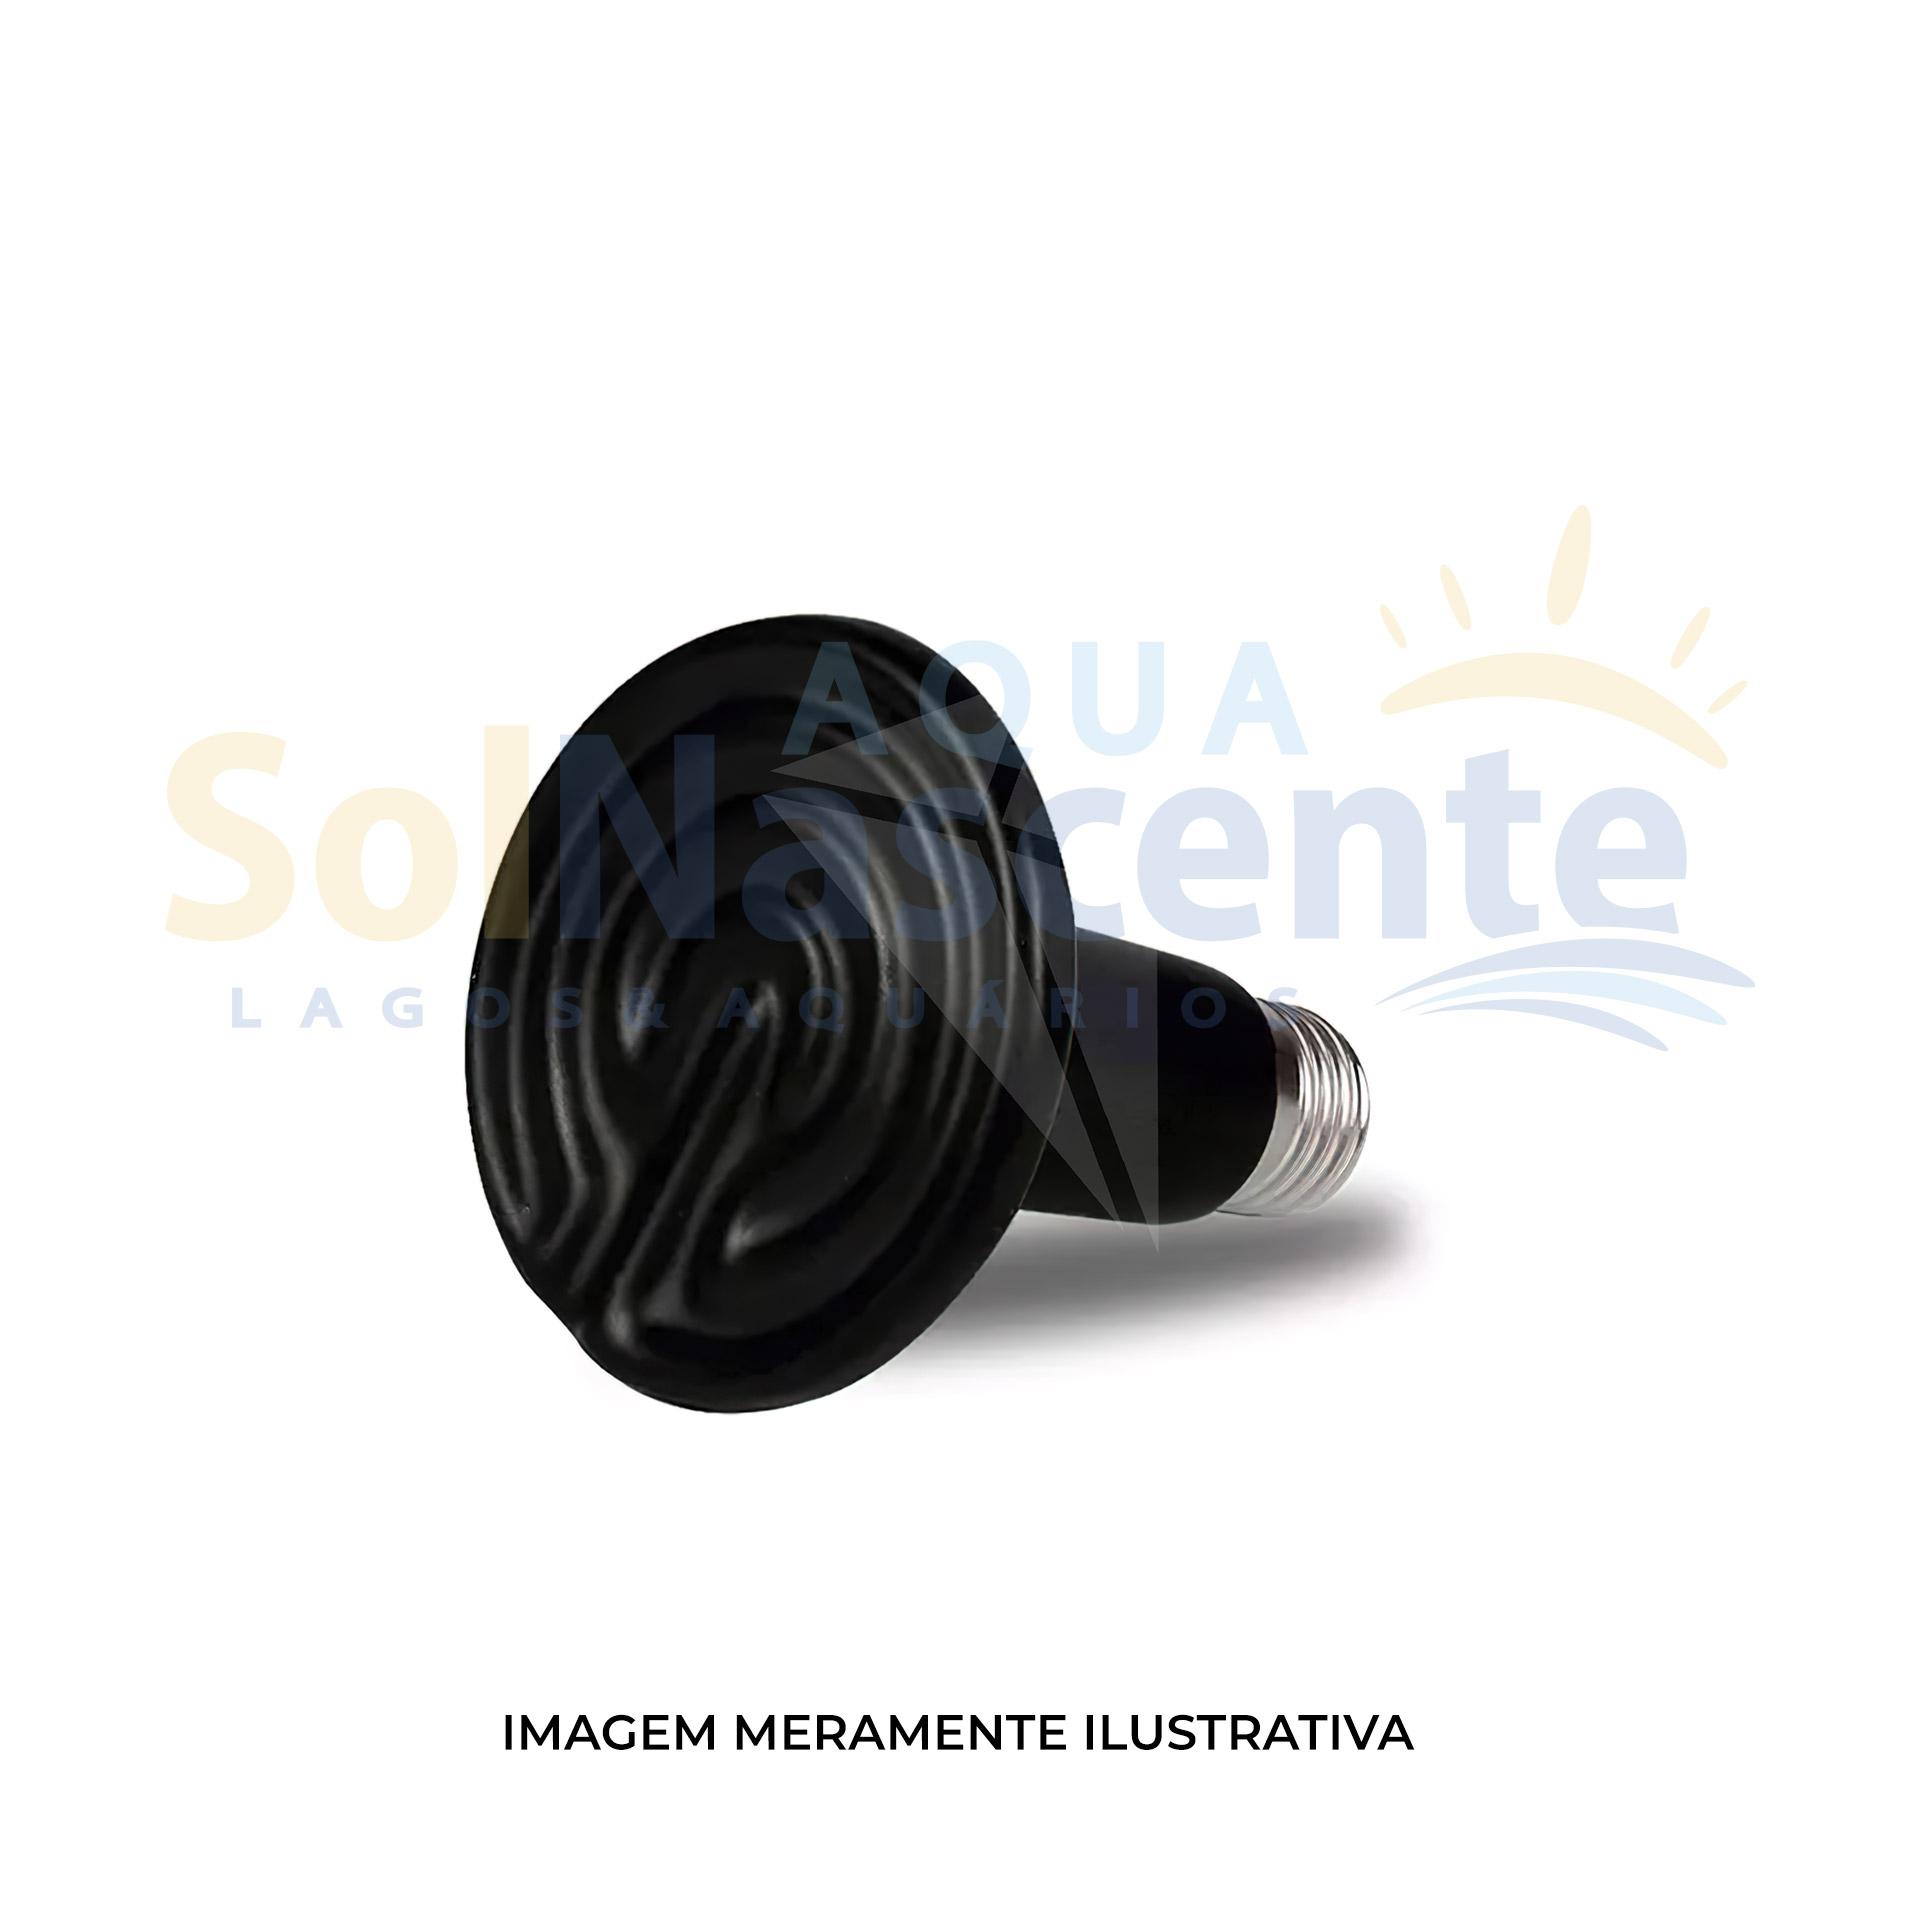 NOMOYPET ND-02 Lampadade ceramica 25w 110v